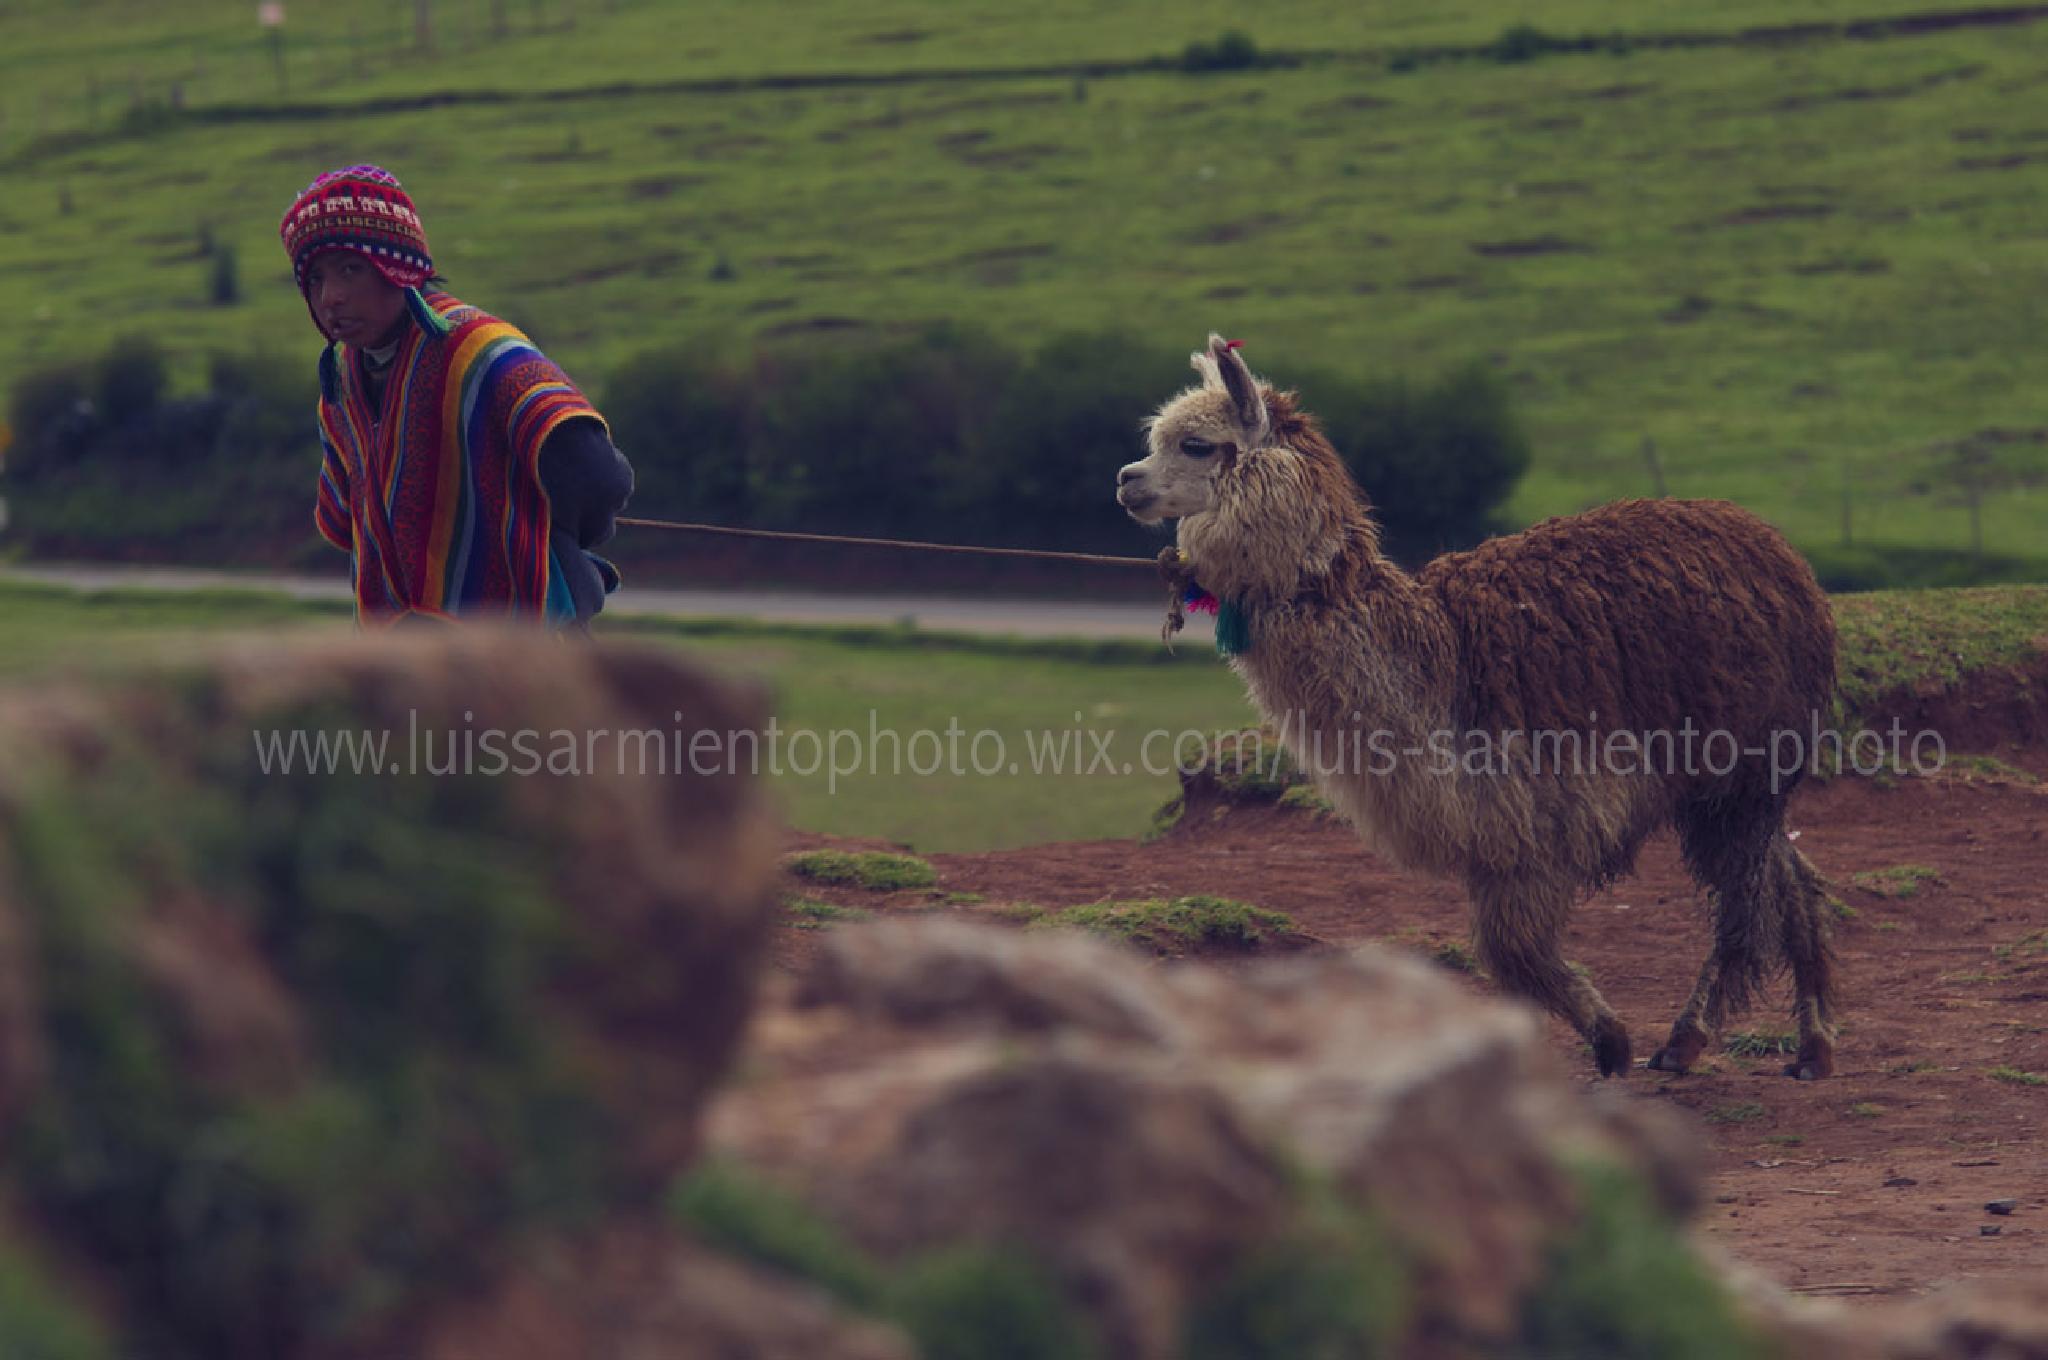 EXPEDICIÓN PERÚ by Luissarfoto